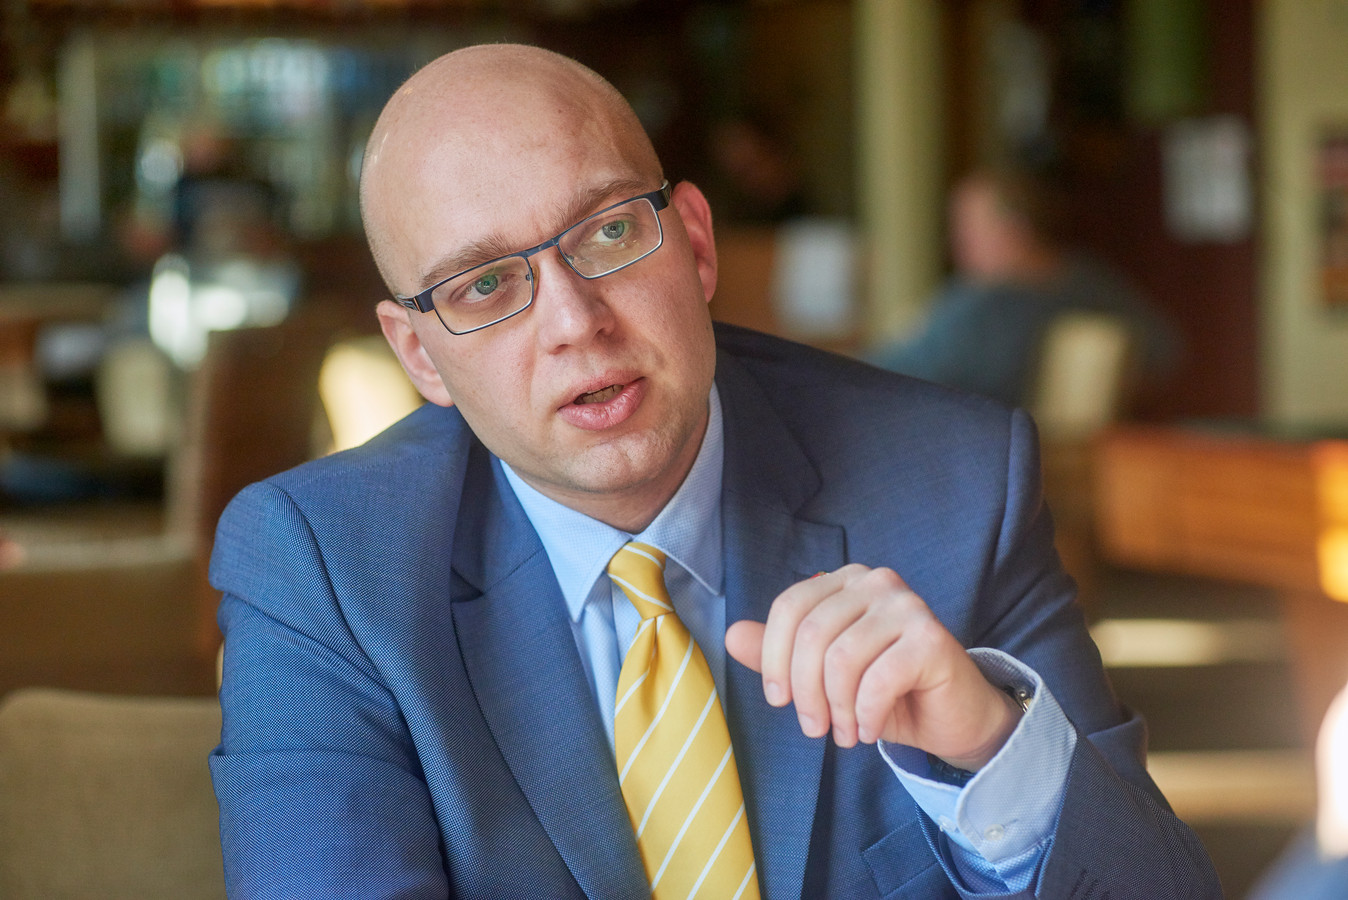 Raadslid Alexander van Hattem van de PVV in Den Bosch.